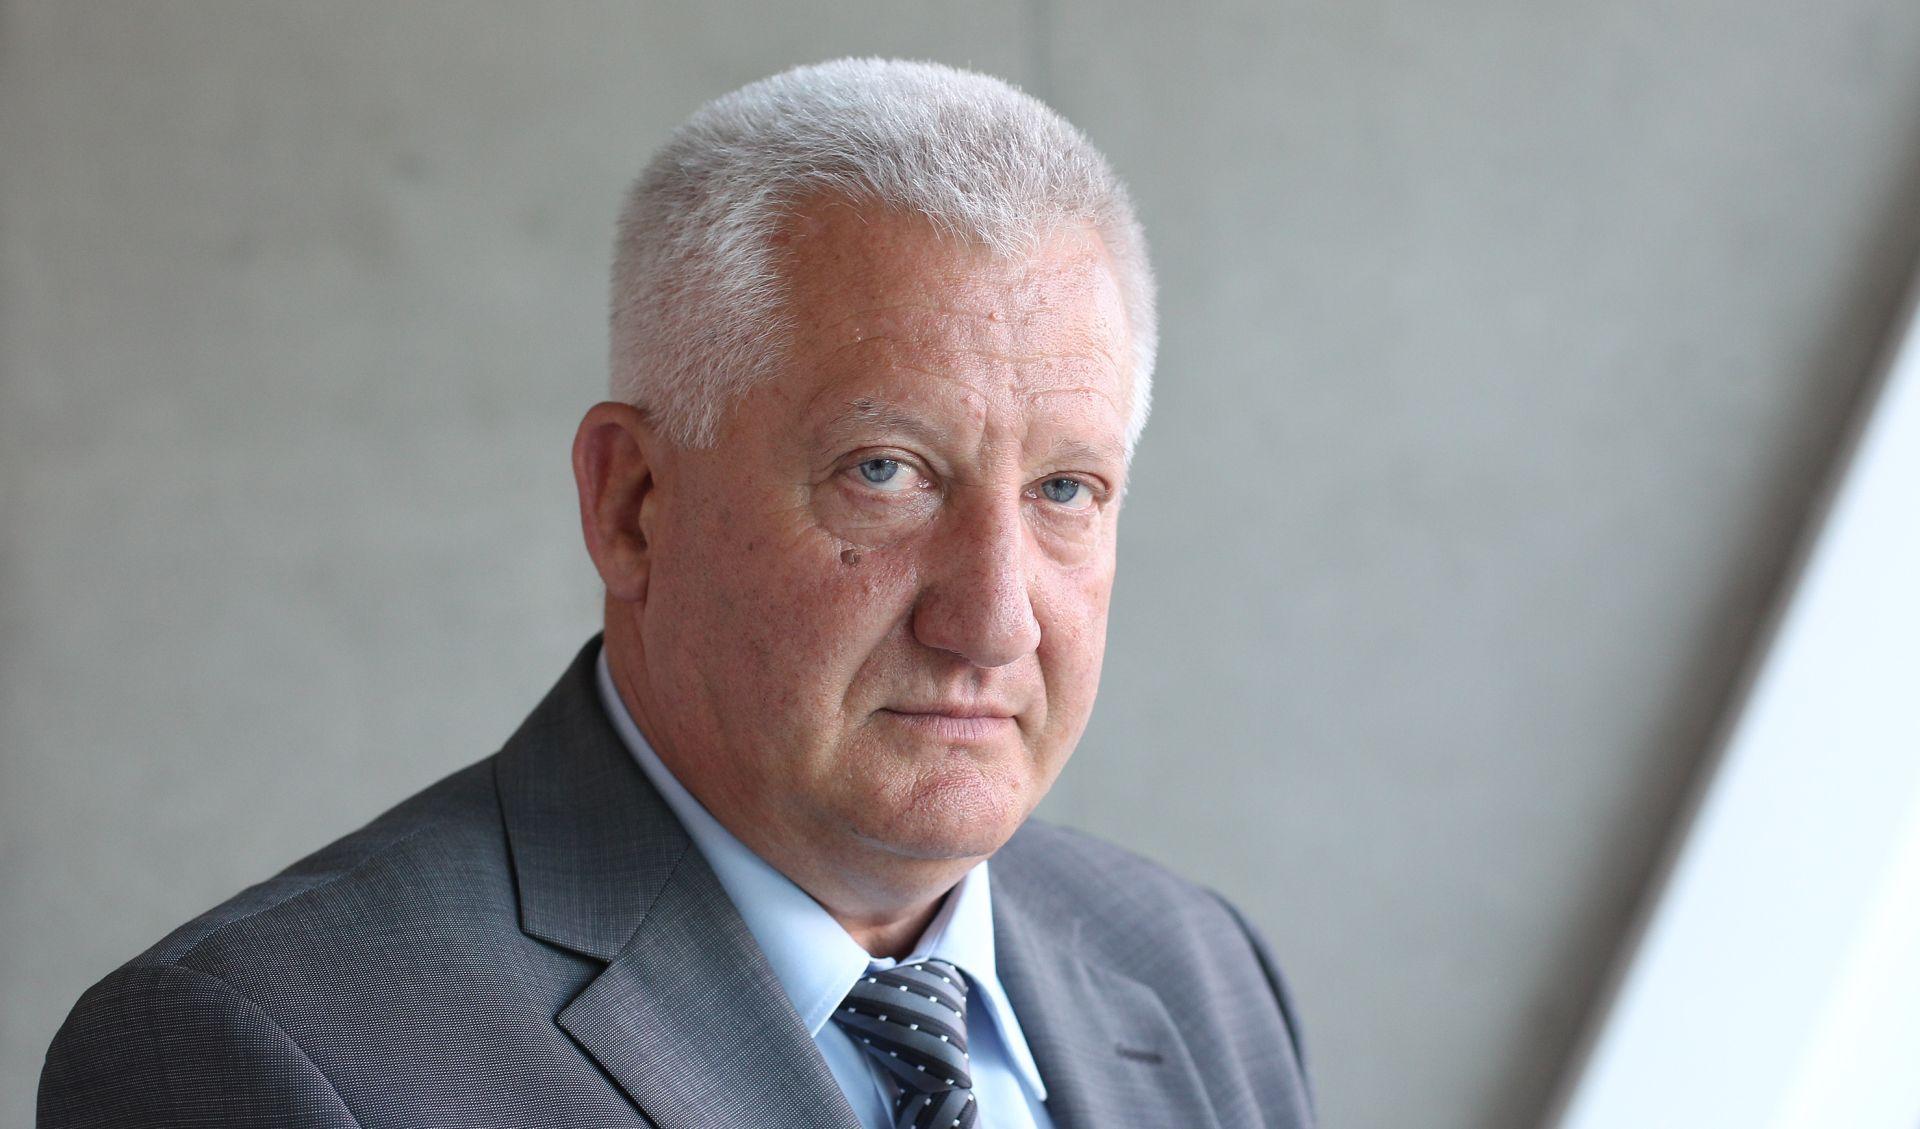 PAVAO MILJAVAC: Oluja je nadnacionalna i branitelji trebaju doći na proslavu u što većem broju